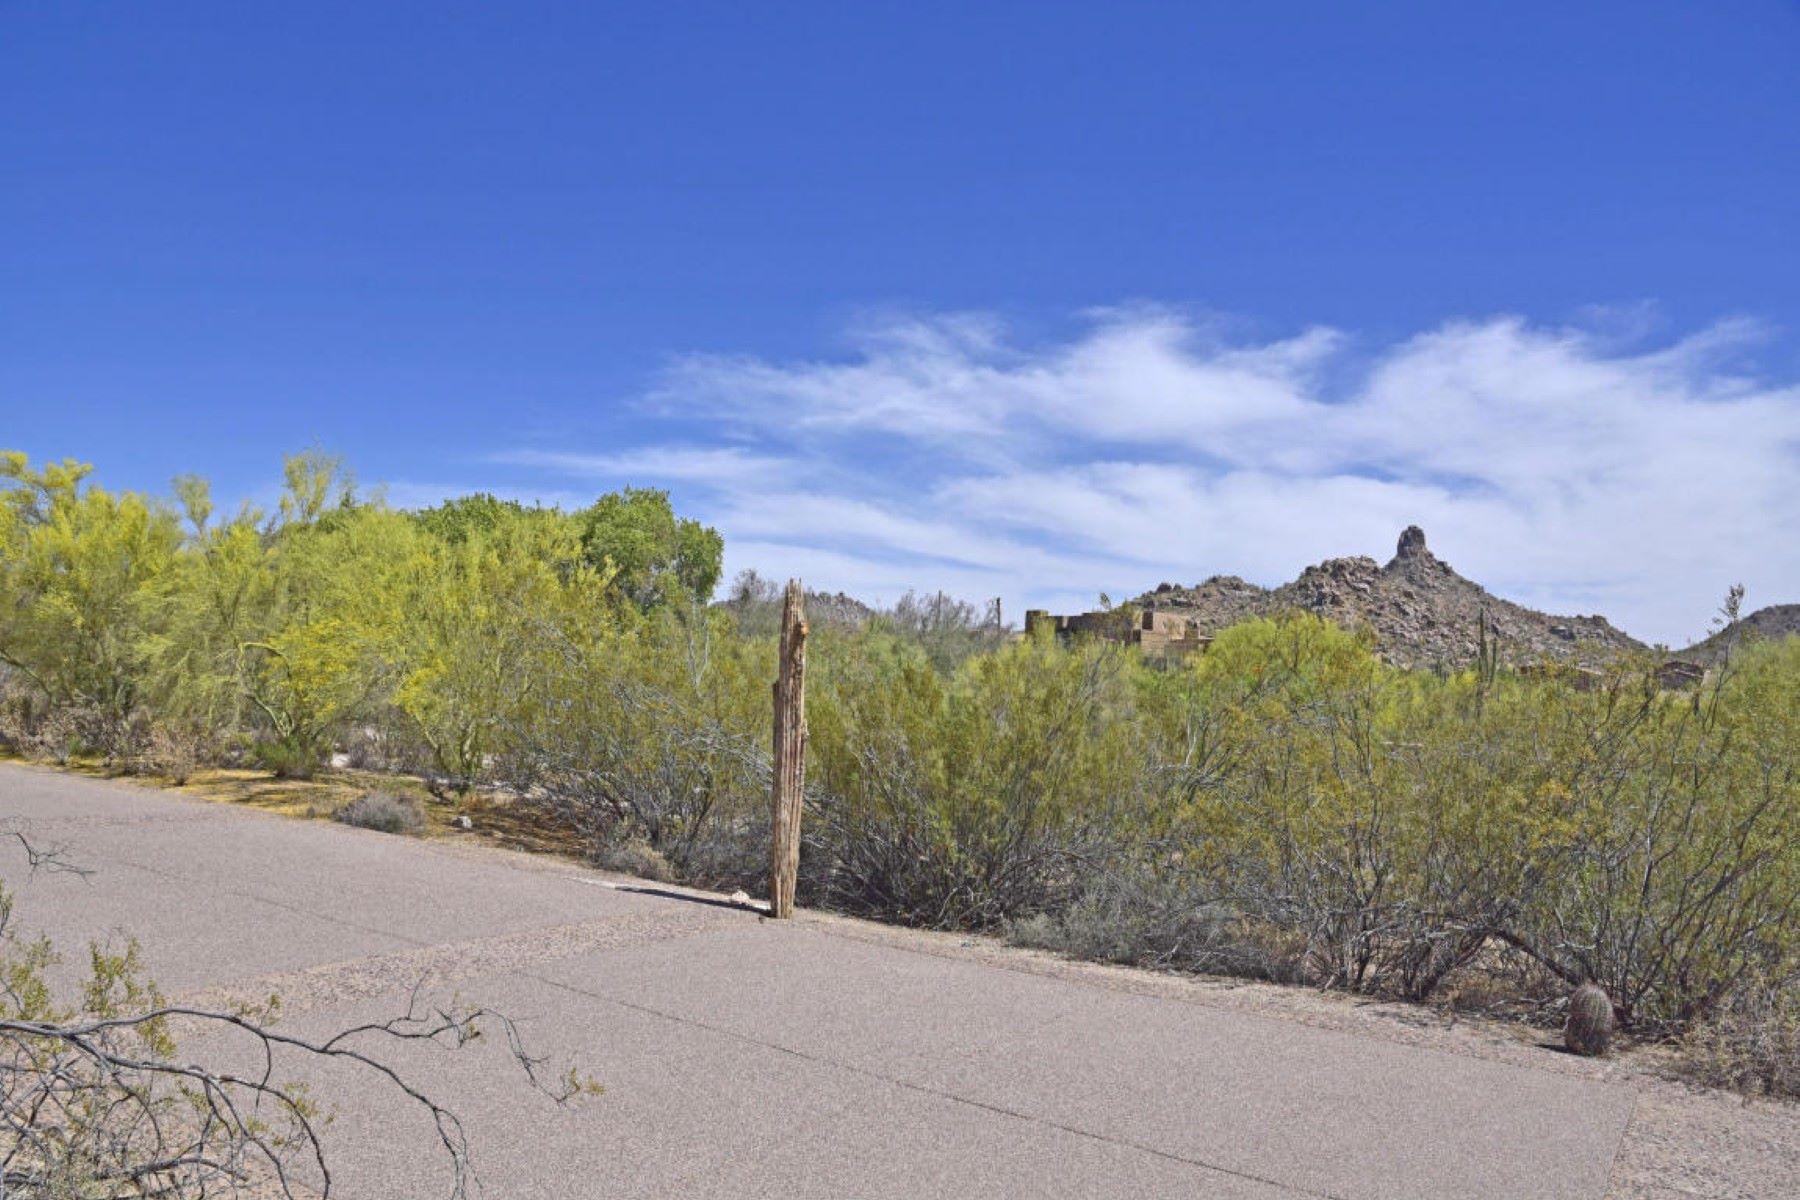 Земля для того Продажа на Fantastic lot in the prestigious guard gated community of Estancia 9804 E Running Deer TRL 1 Scottsdale, Аризона, 85262 Соединенные Штаты